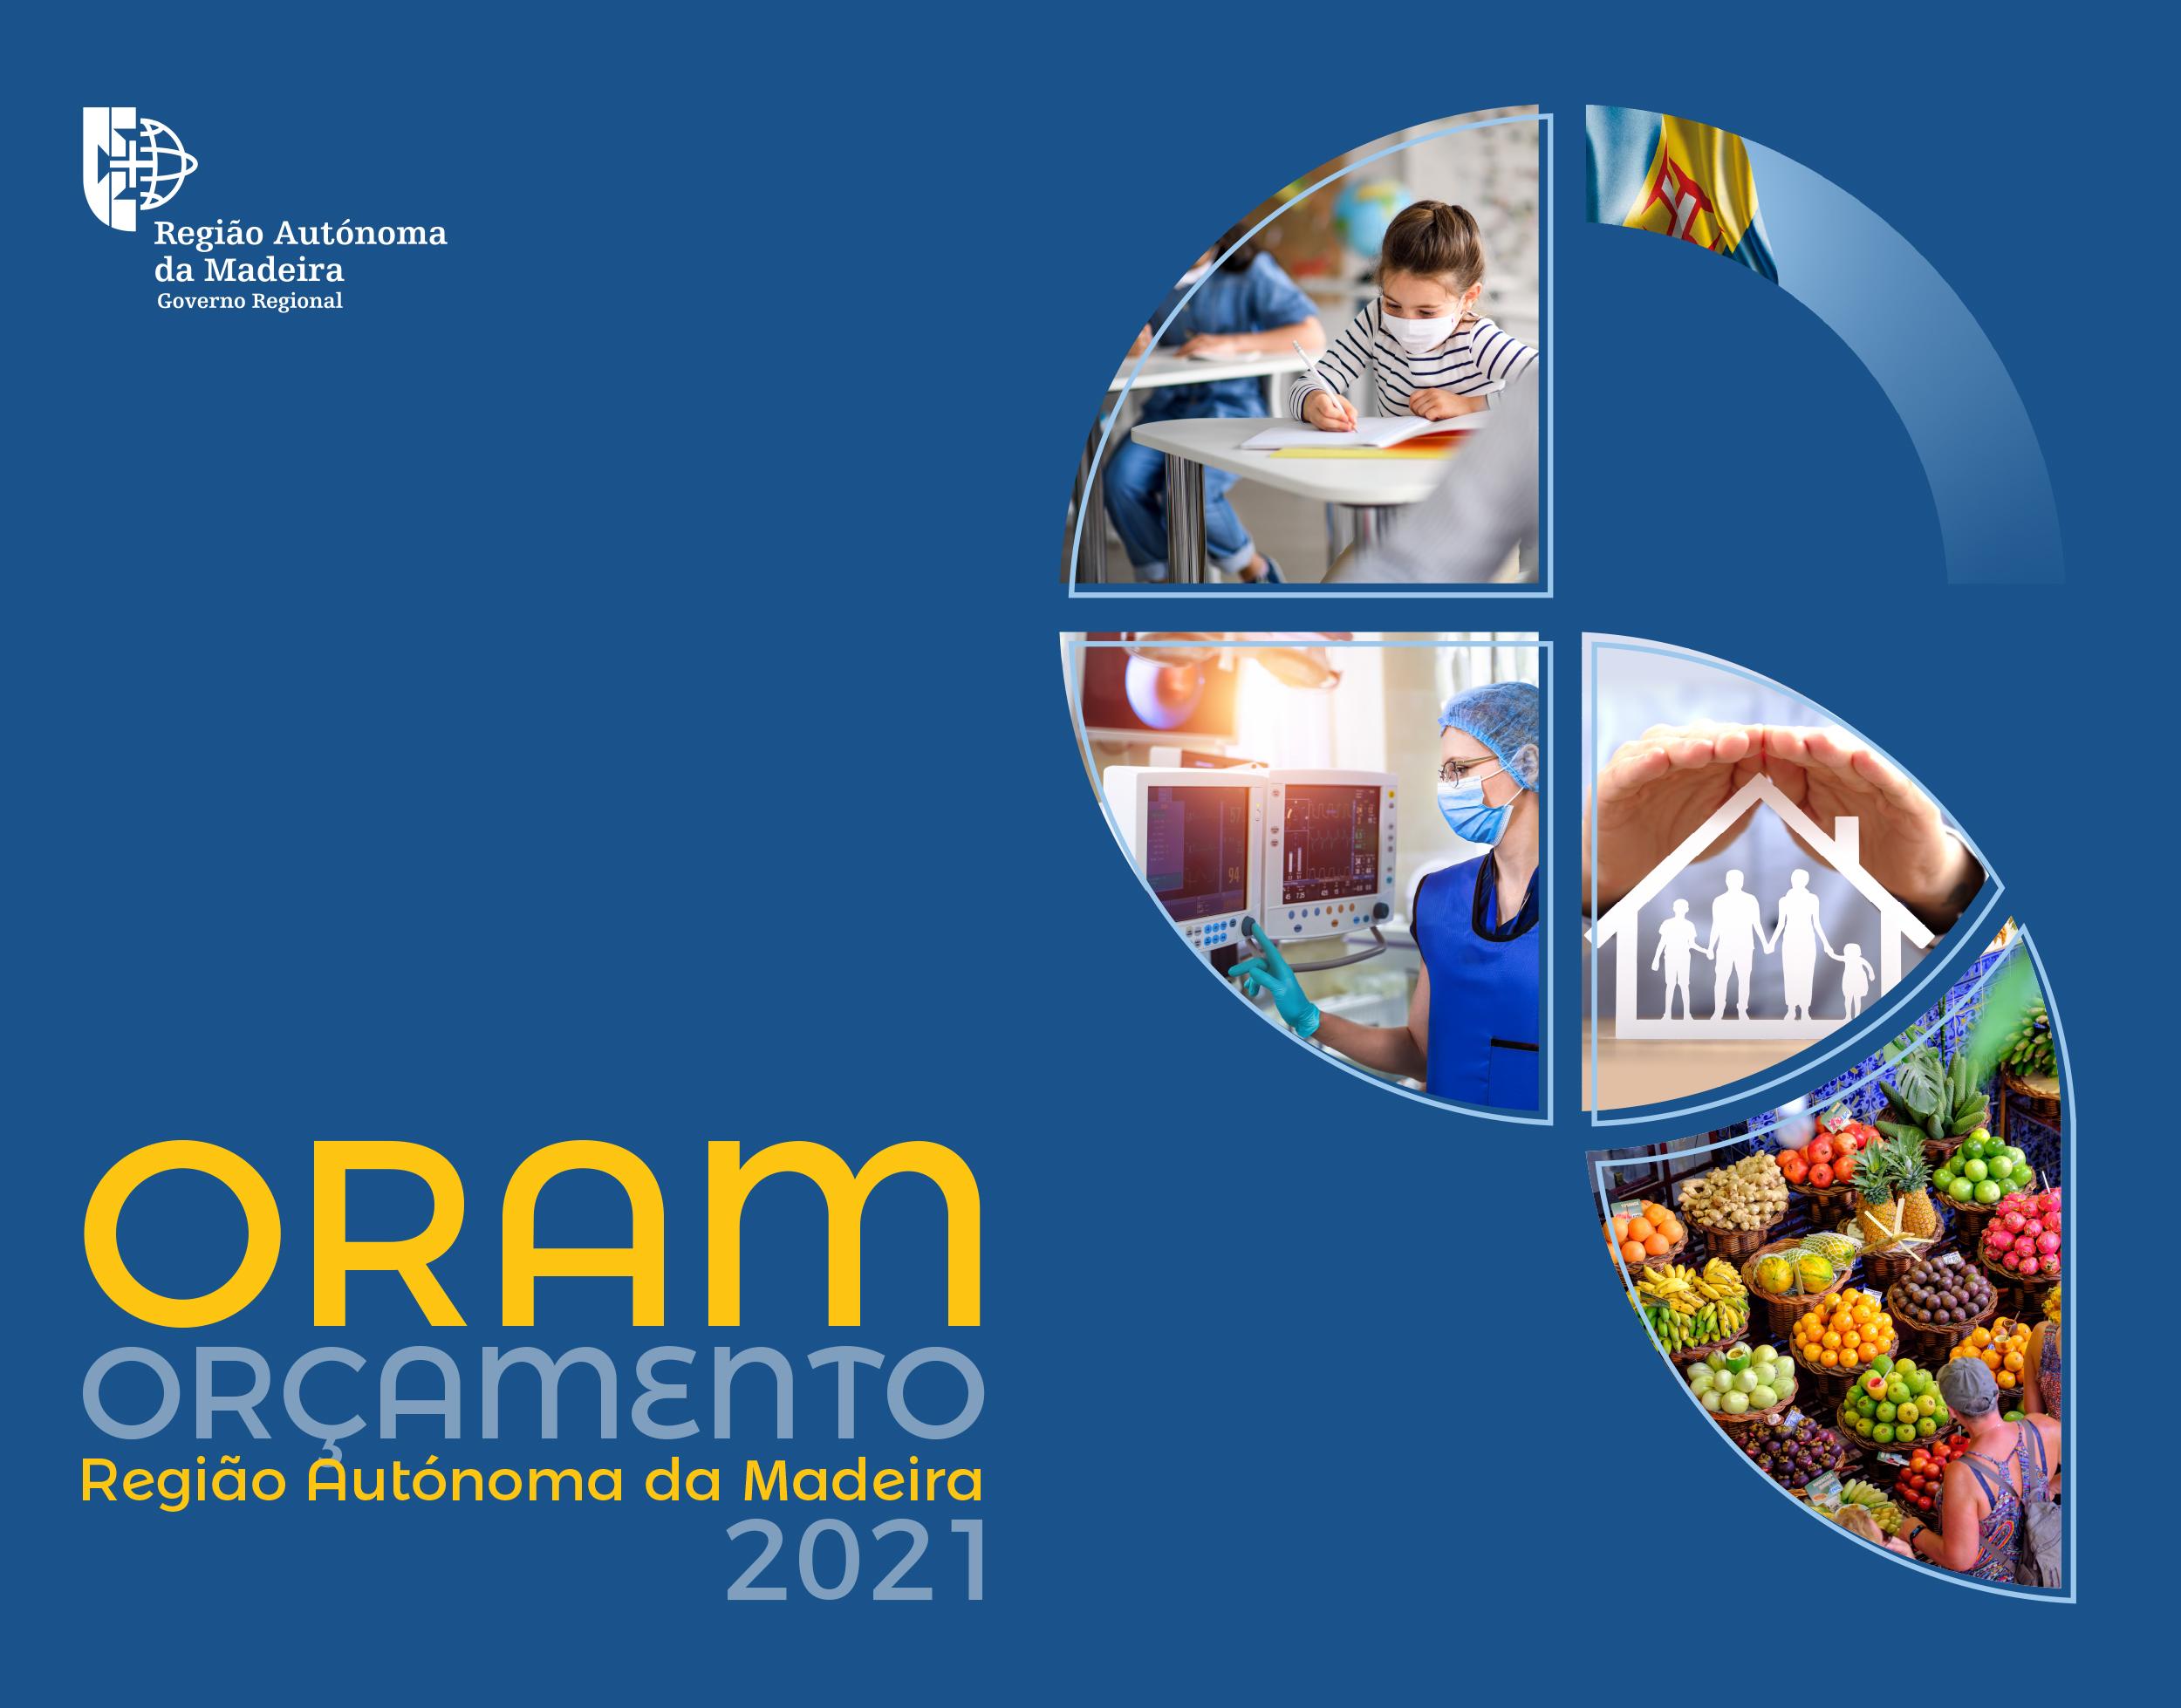 Orçamento da Região 2021